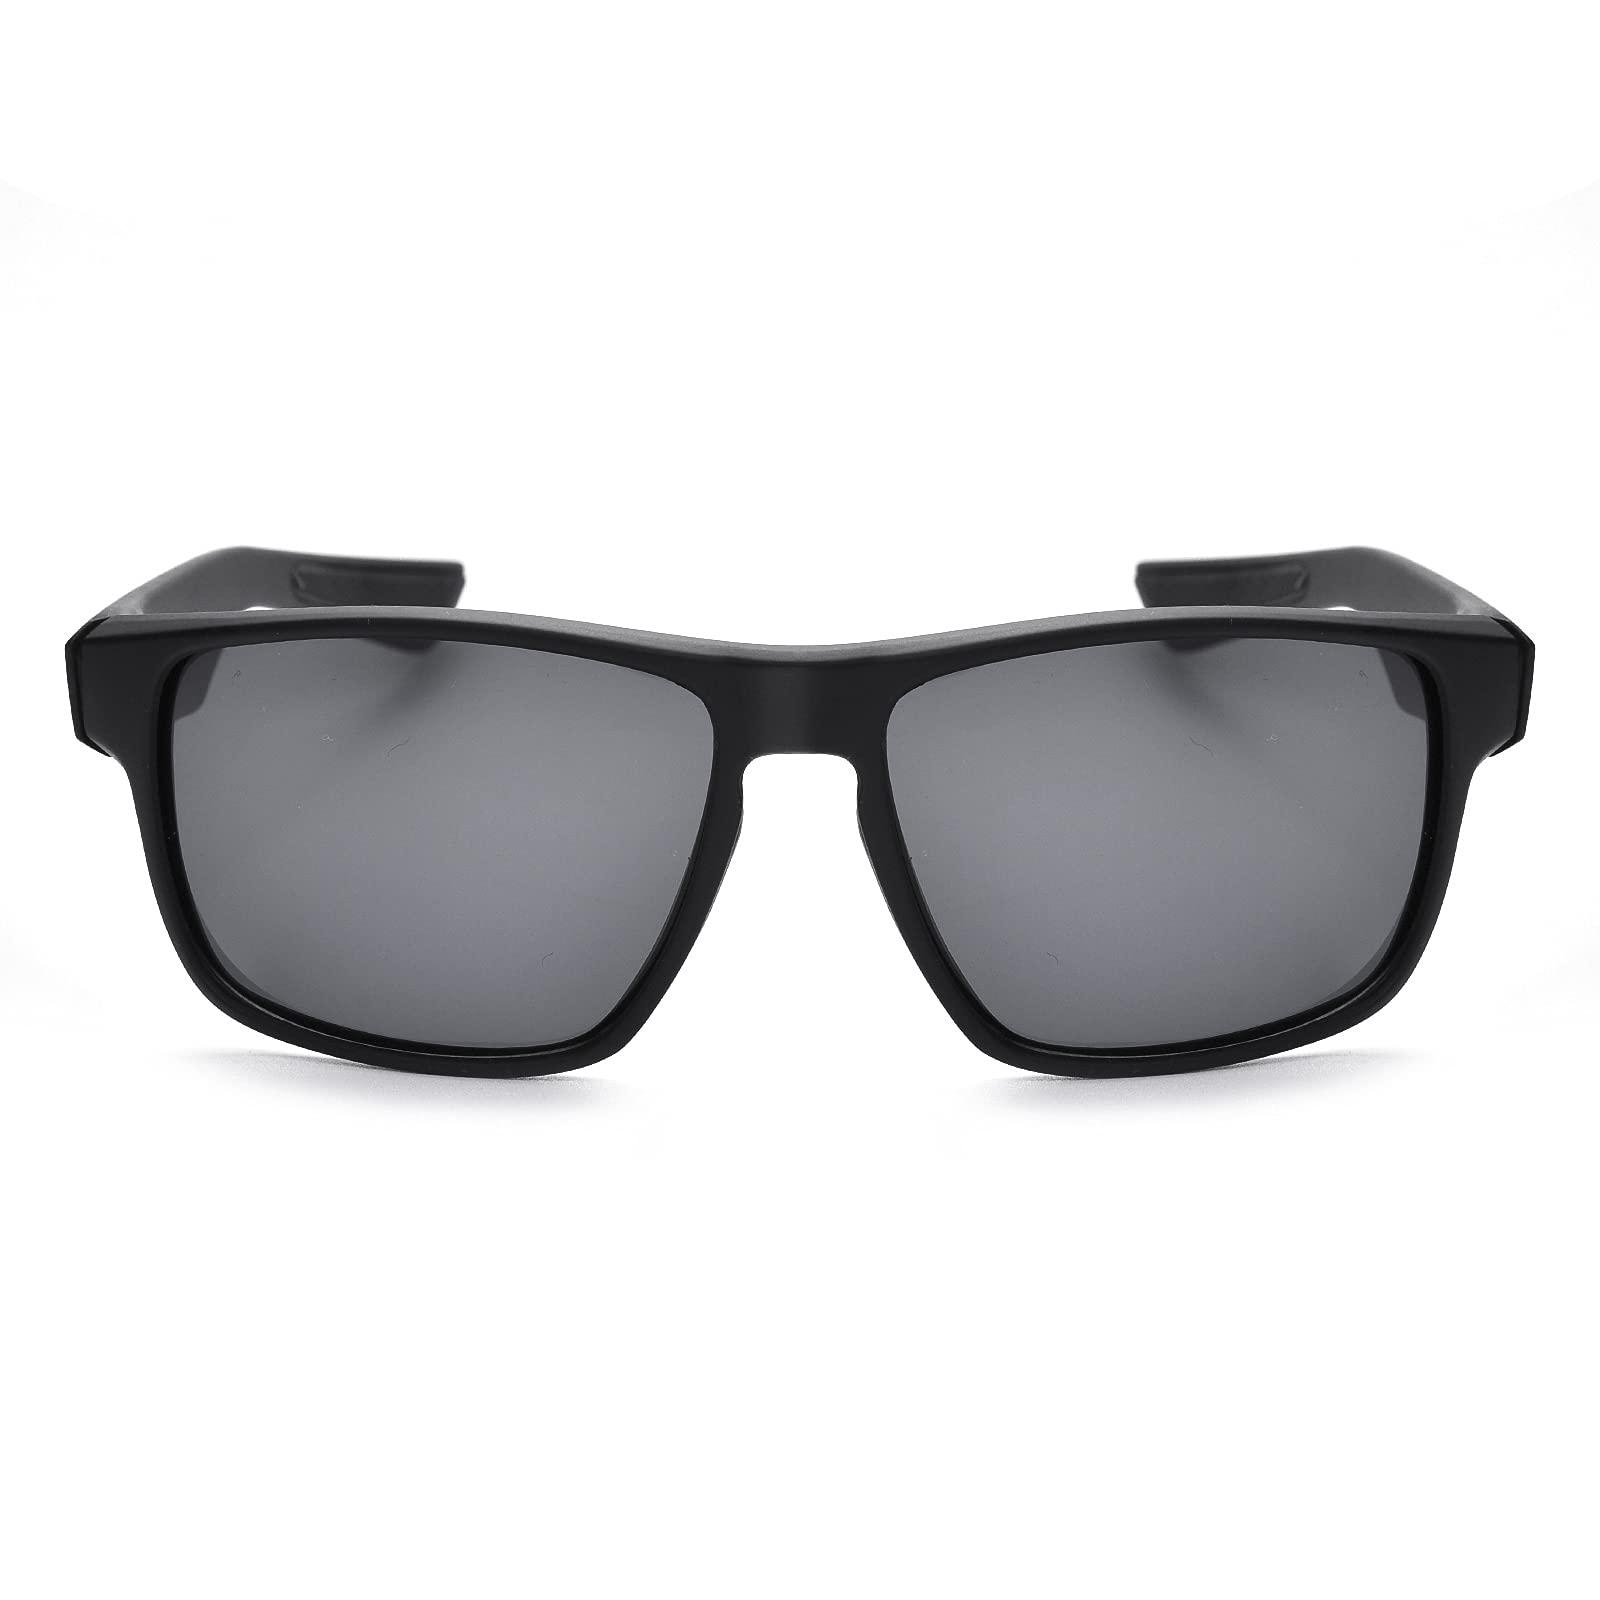 BAFAT Polarized Sunglasses for Men and Women TR90 Uv400 Rectangular Sun Glasses